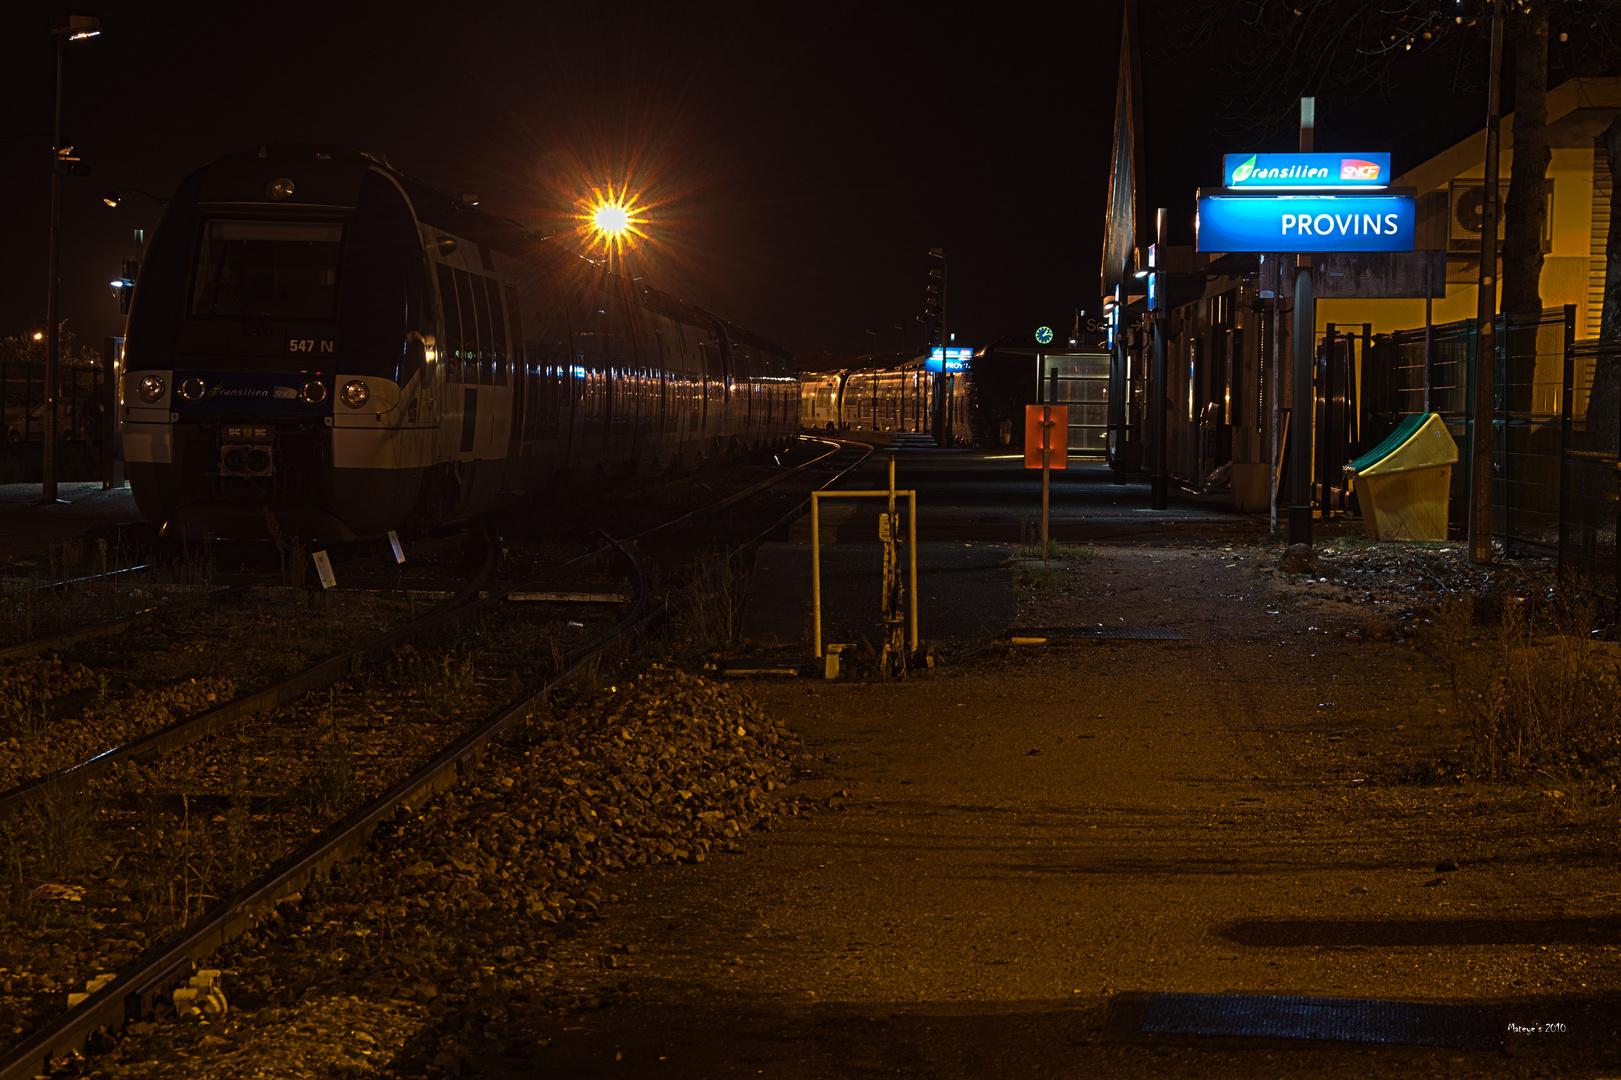 Gare de Provins 01h30